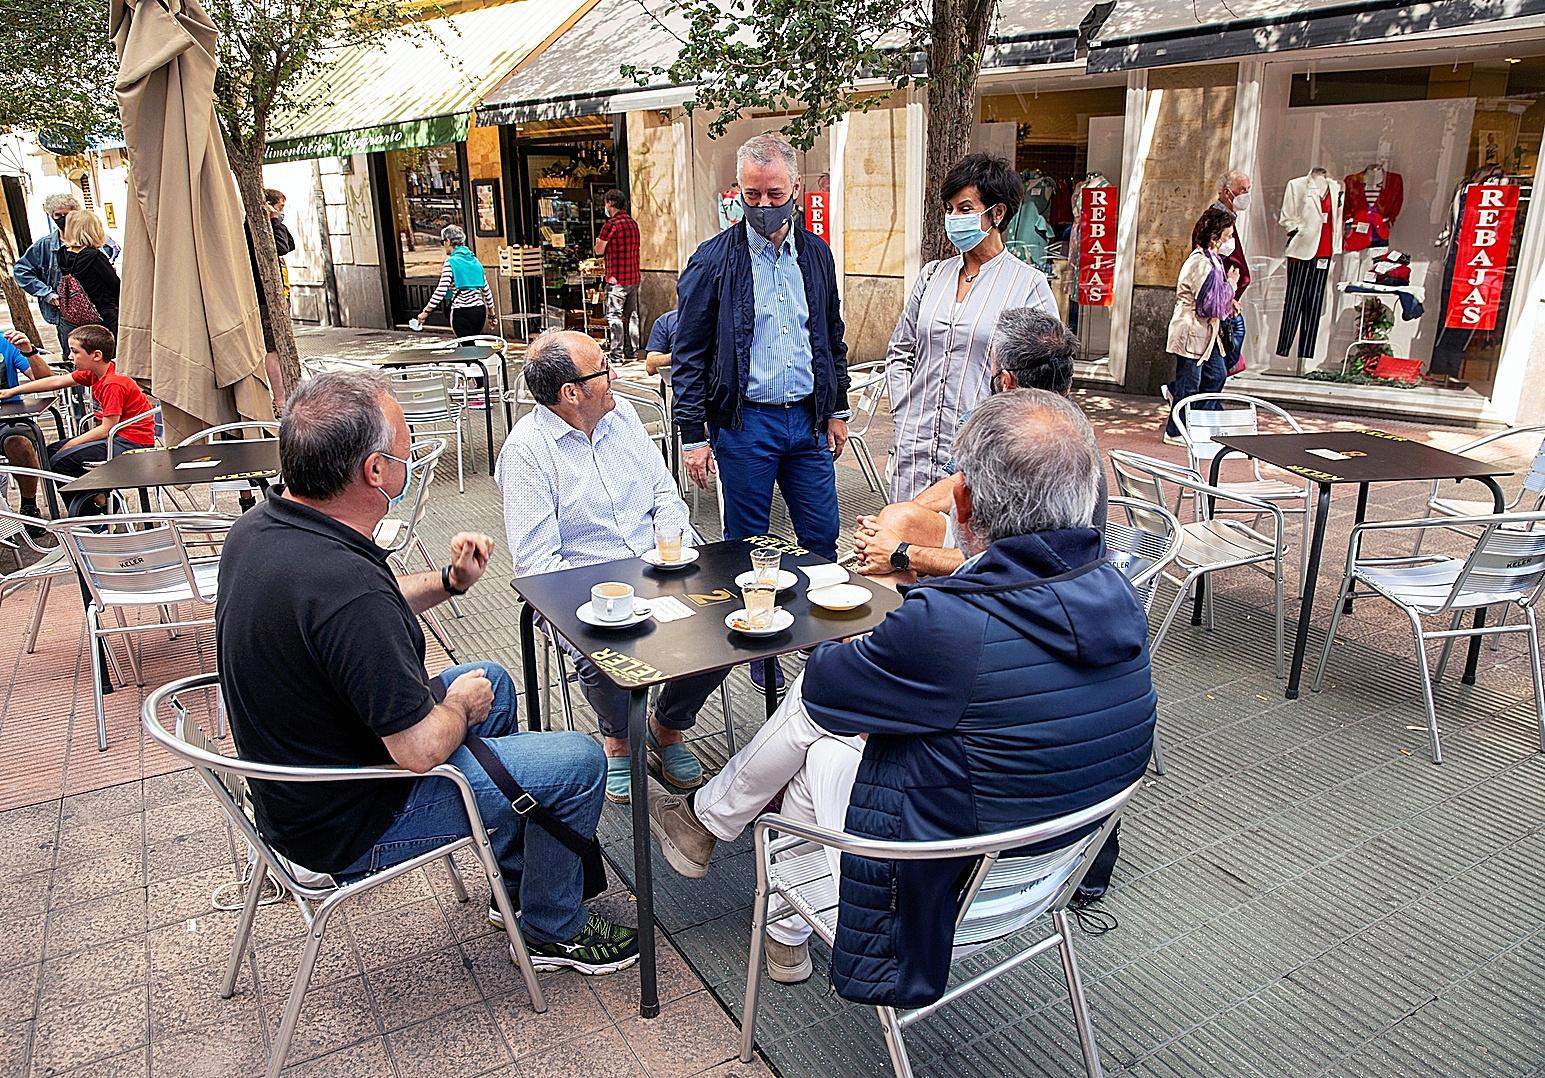 El 'lehendakari', Iñigo Urkullu, en una terraza del centro de Vitoria.